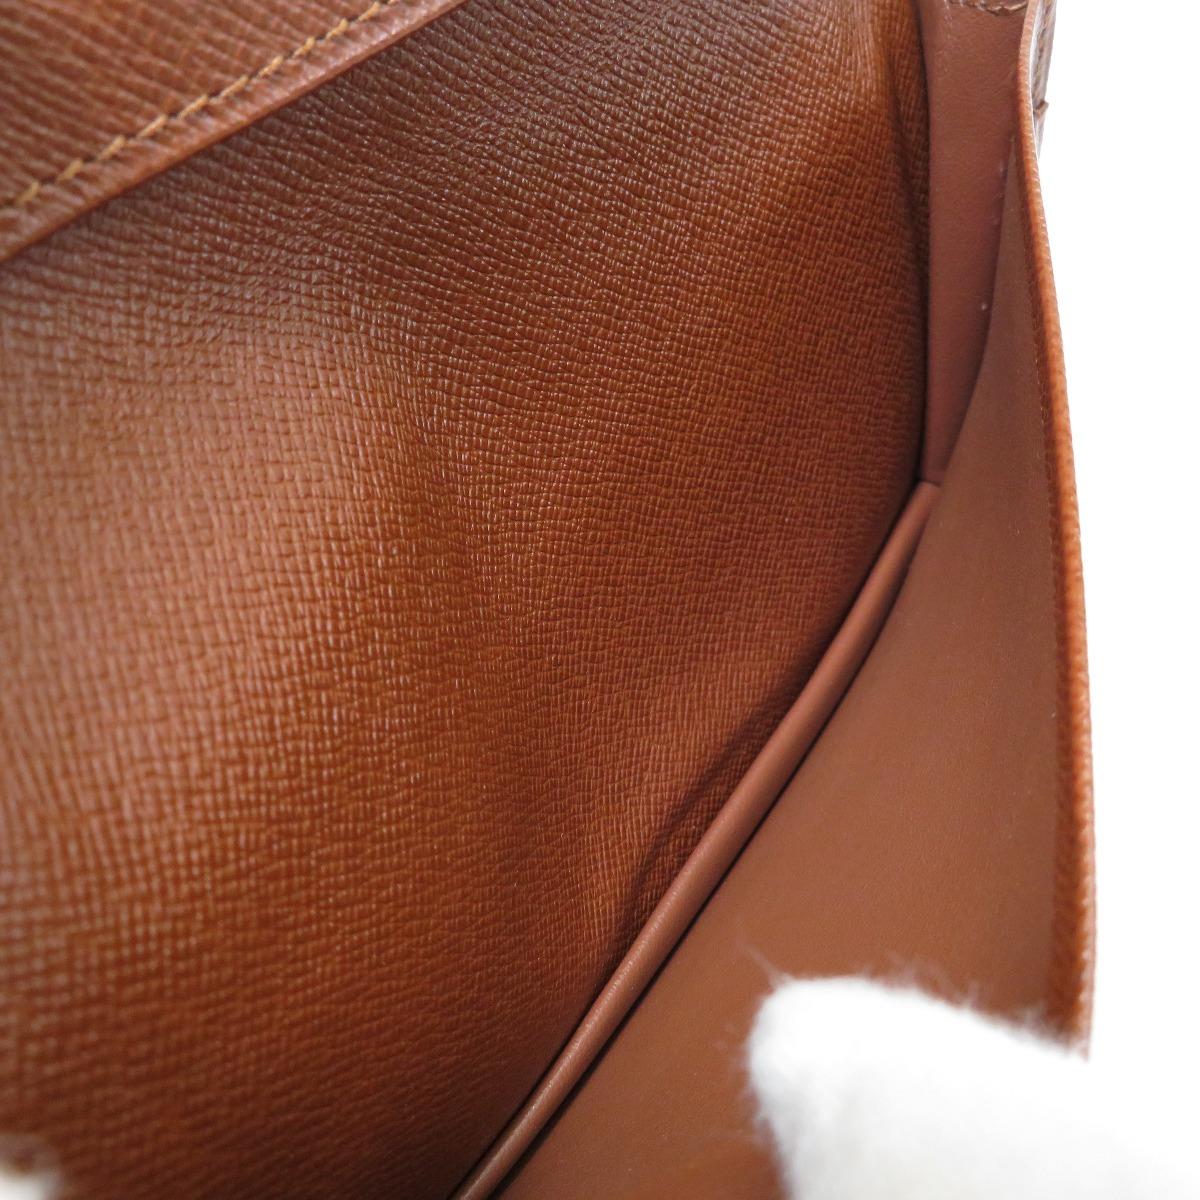 LOUIS VUITTON M60825  ポルトカルト クレディエン 長財布(小銭入れなし) モノグラムキャンバス メンズ 【】【ルイ?ヴィトン】